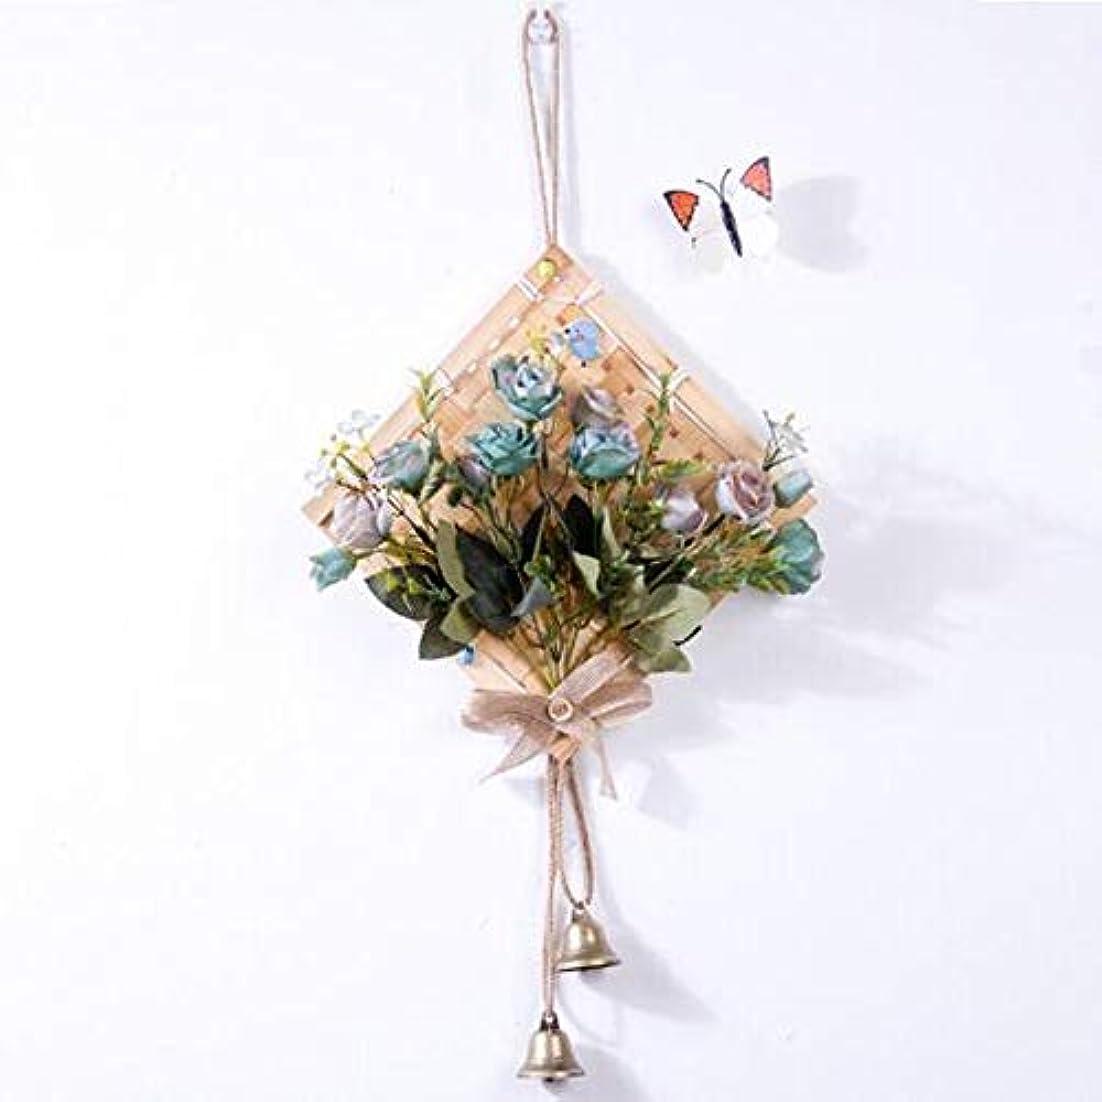 血統中毒寄託Gaoxingbianlidian001 風チャイム、クリエイティブ?竹風チャイム、白、幅28.5cmくらい,楽しいホリデーギフト (Color : Blue)